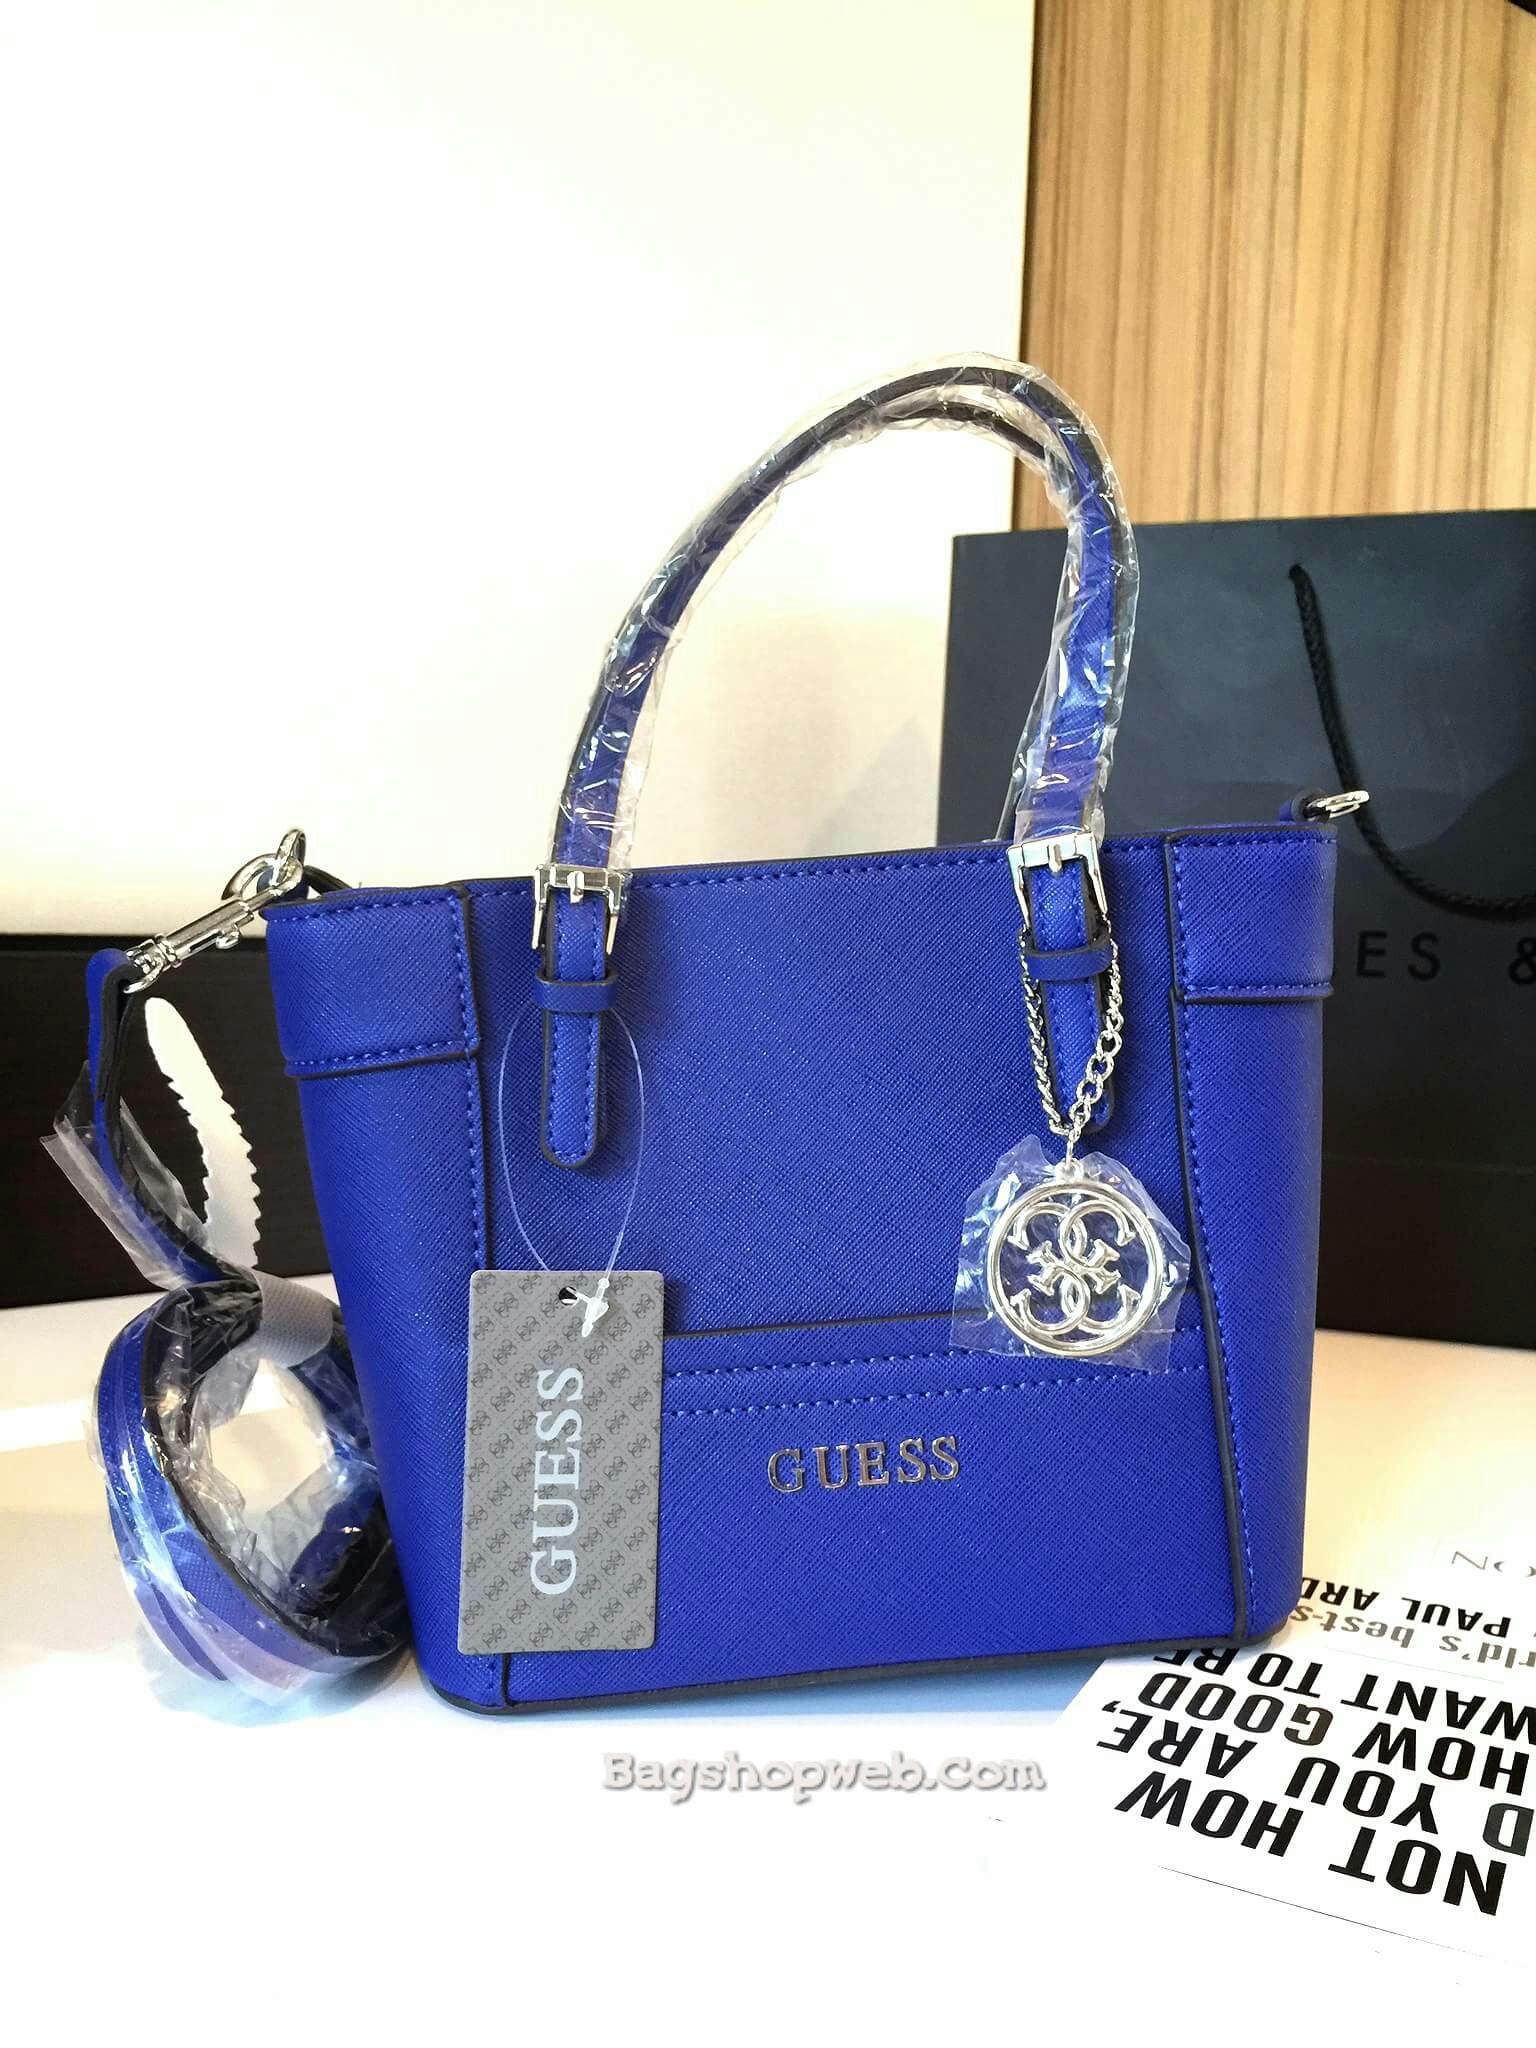 กระเป๋า GUESS SAFFIANO MINI CROSS BODY BAG 2016 ฟรี ems